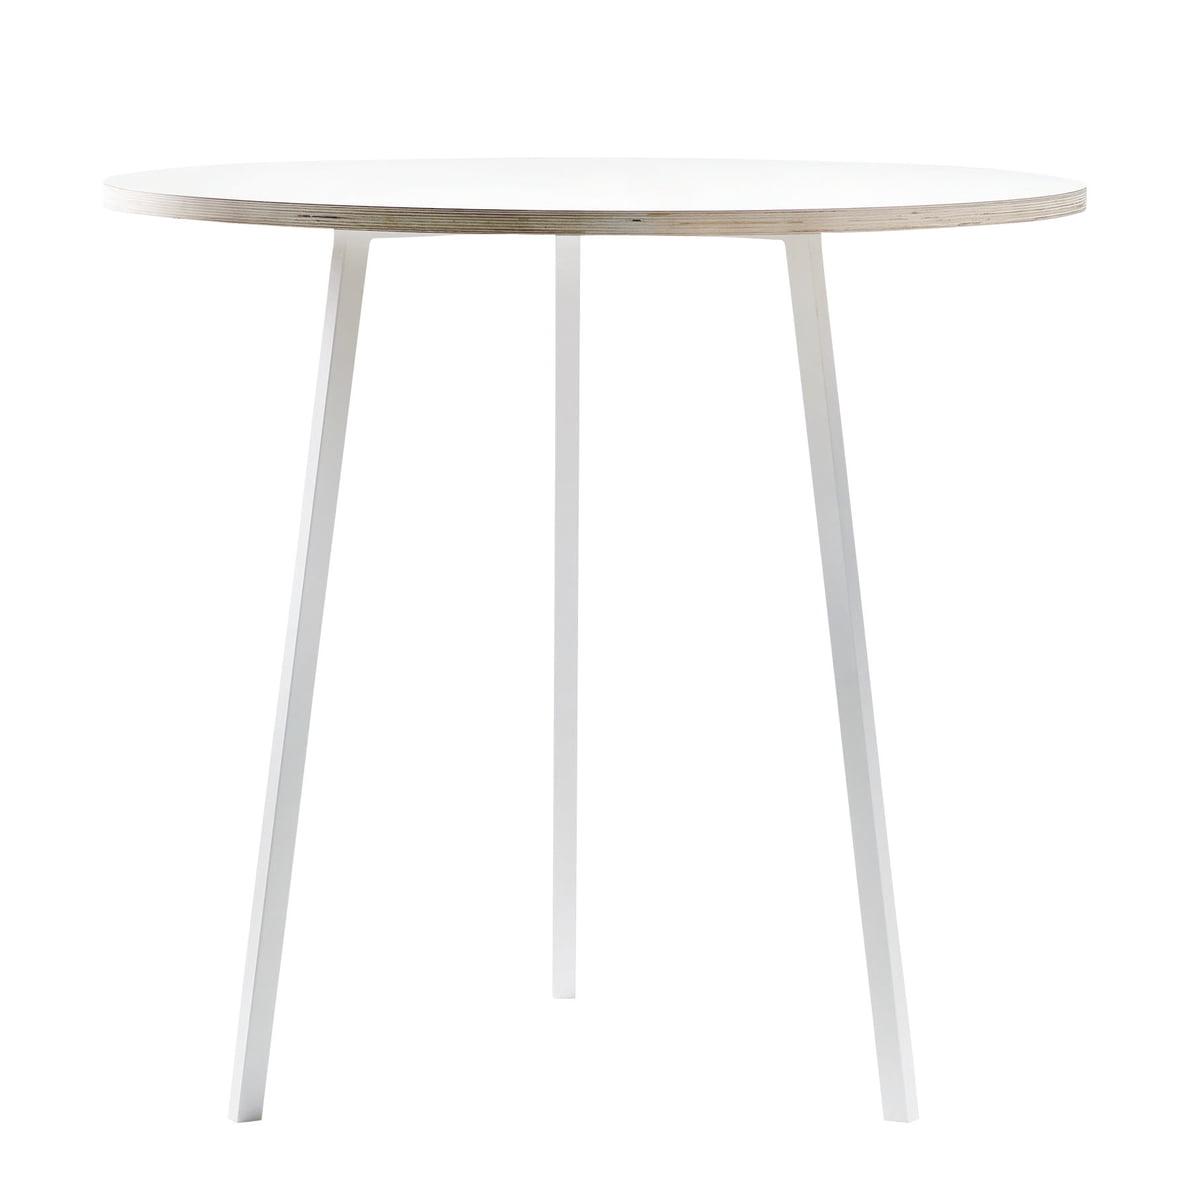 Hay - Loop Stand Round Bistrotisch, weiß / weiß | Küche und Esszimmer > Bar-Möbel > Bar-Stehtische | Weiß | Platte aus laminat mit kante aus sperrholz -  beine aus pulverbeschichtetem stahl | Hay